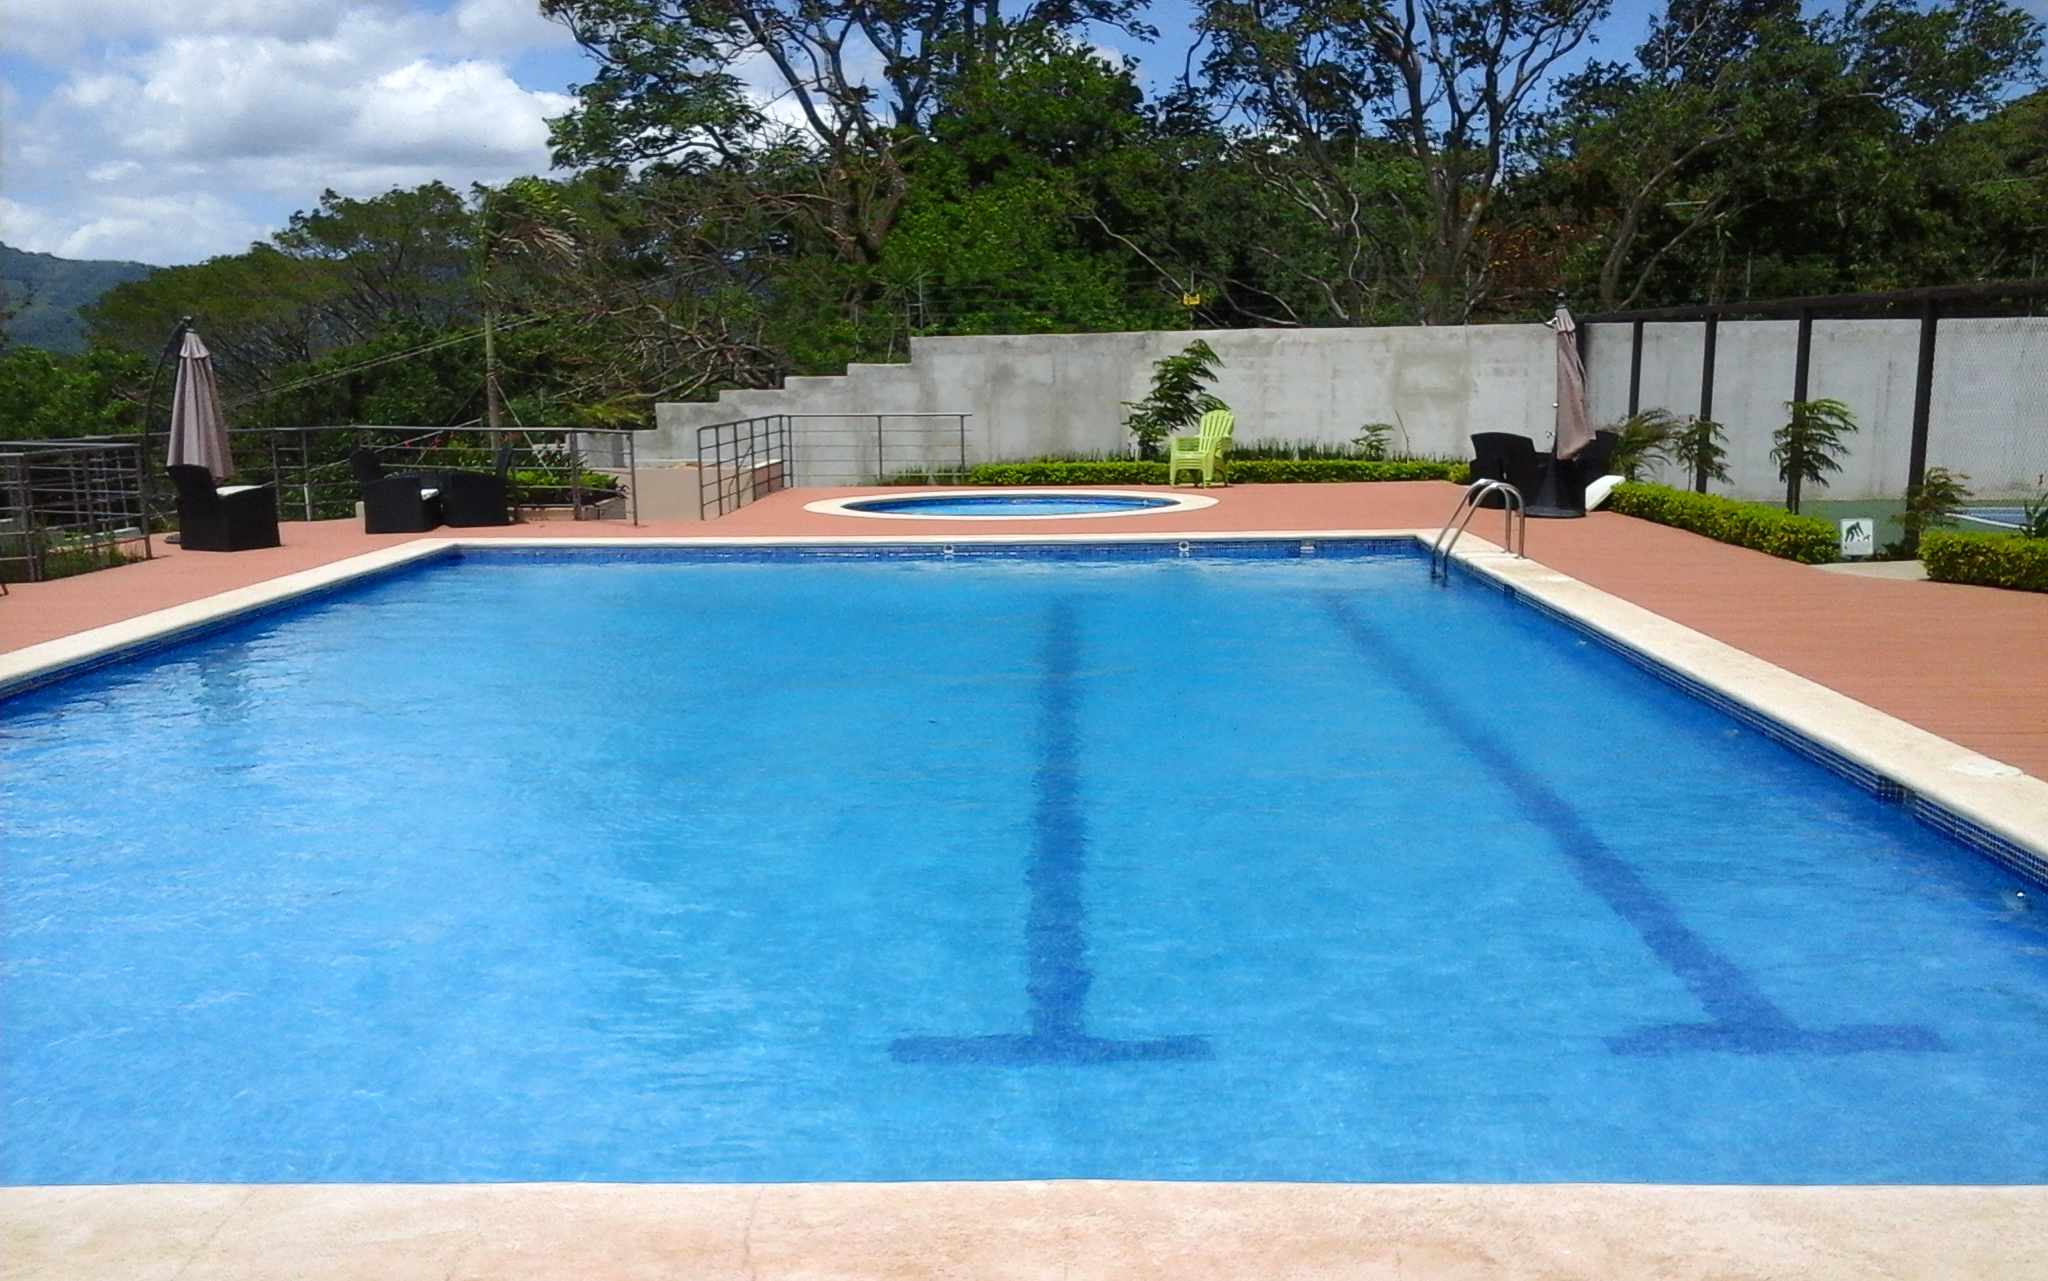 ¿Cómo aplicar los productos químicos en una piscina?